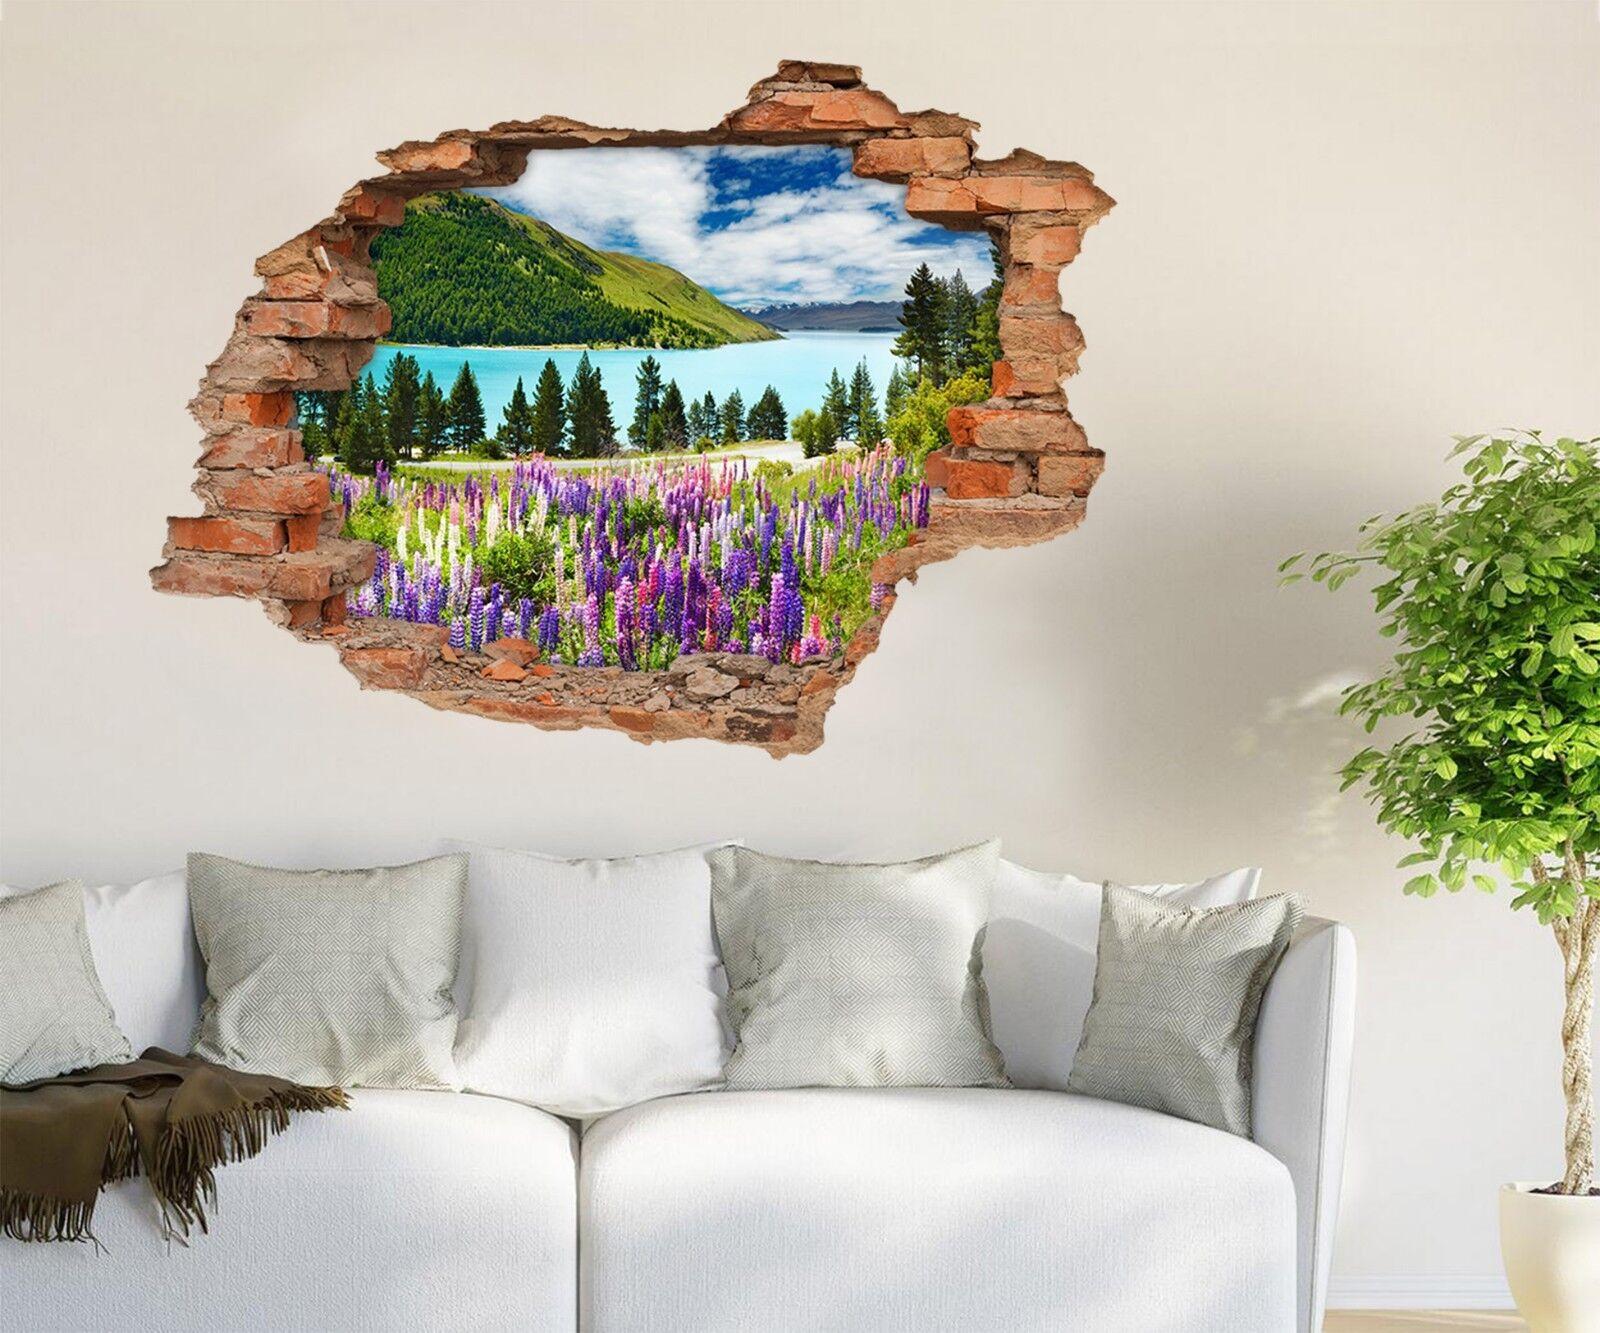 3D Fluss Blumen 328 Mauer Murals Mauer Aufklebe Decal Durchbruch AJ WALLPAPER DE